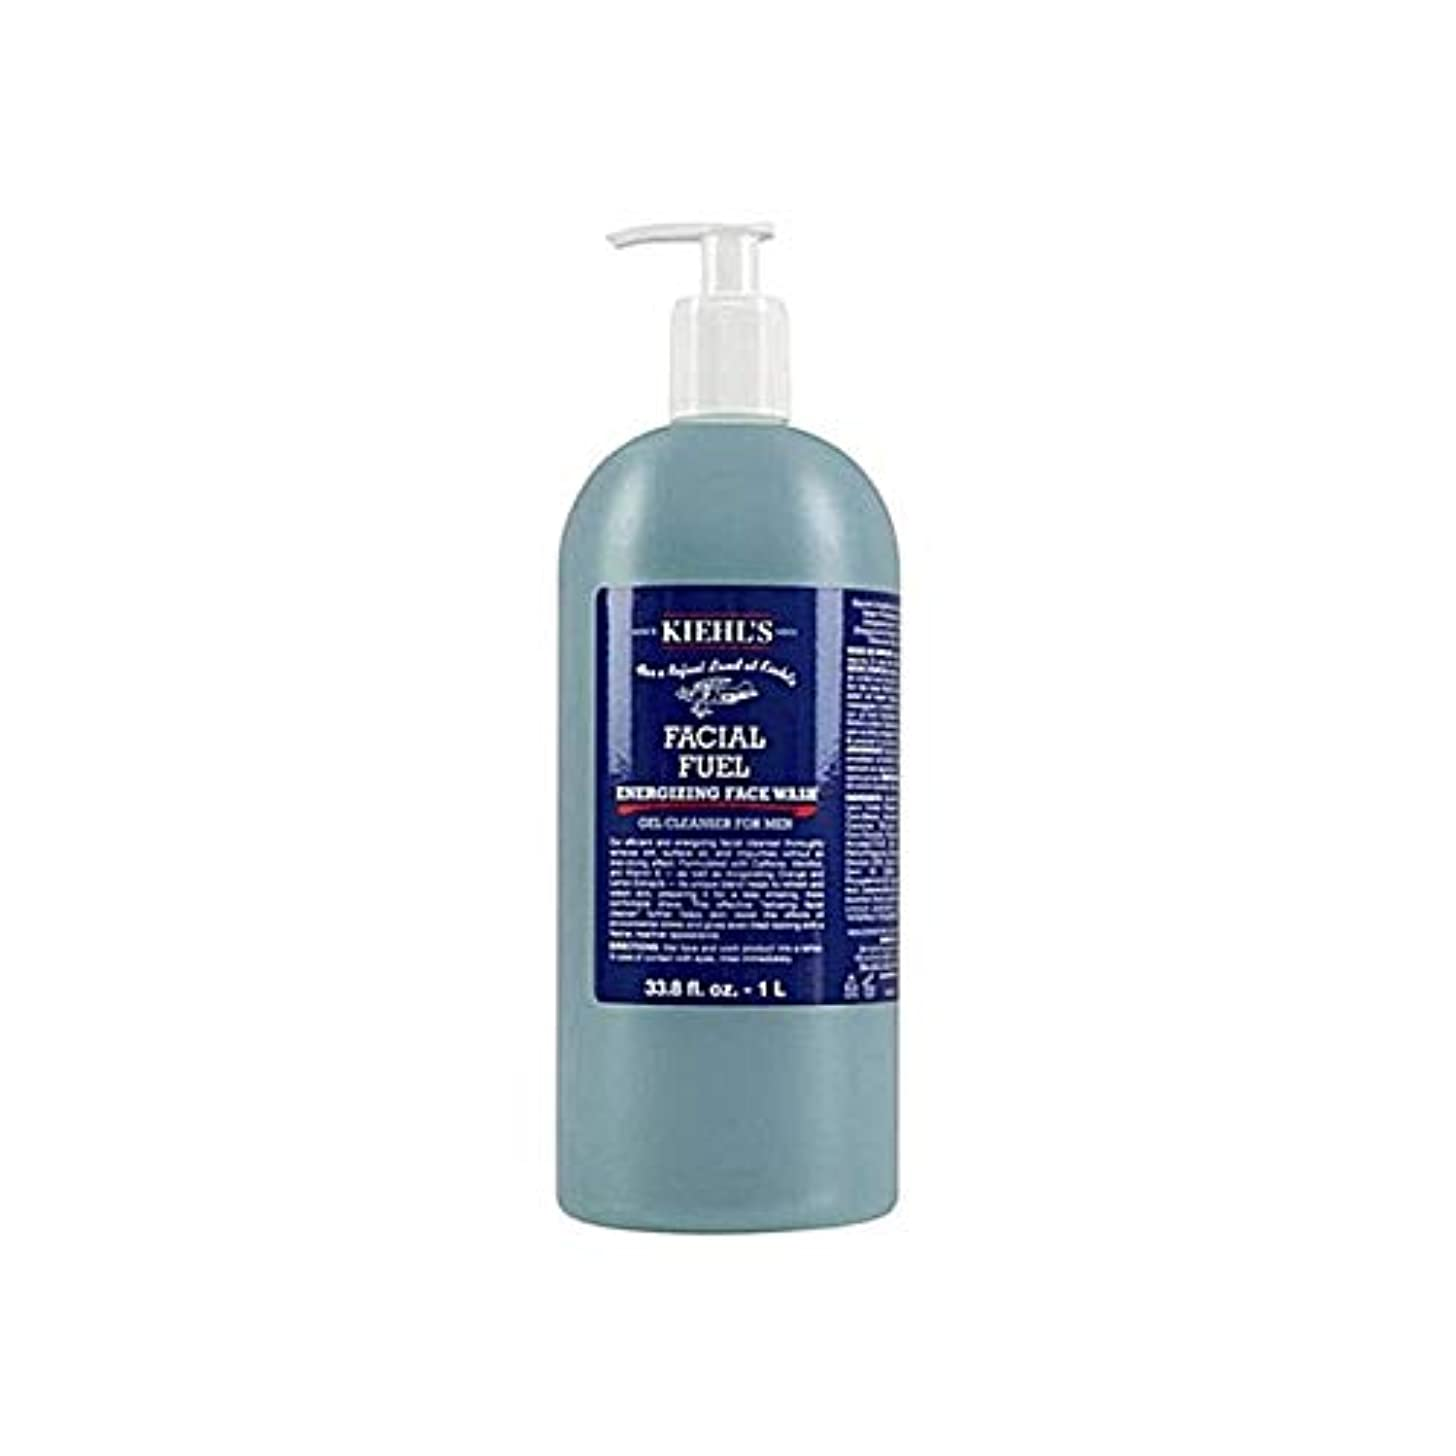 妊娠した姉妹自然[Kiehl's] キールズフェイシャル燃料通電洗顔1リットル - Kiehl's Facial Fuel Energising Face Wash 1 Litre [並行輸入品]